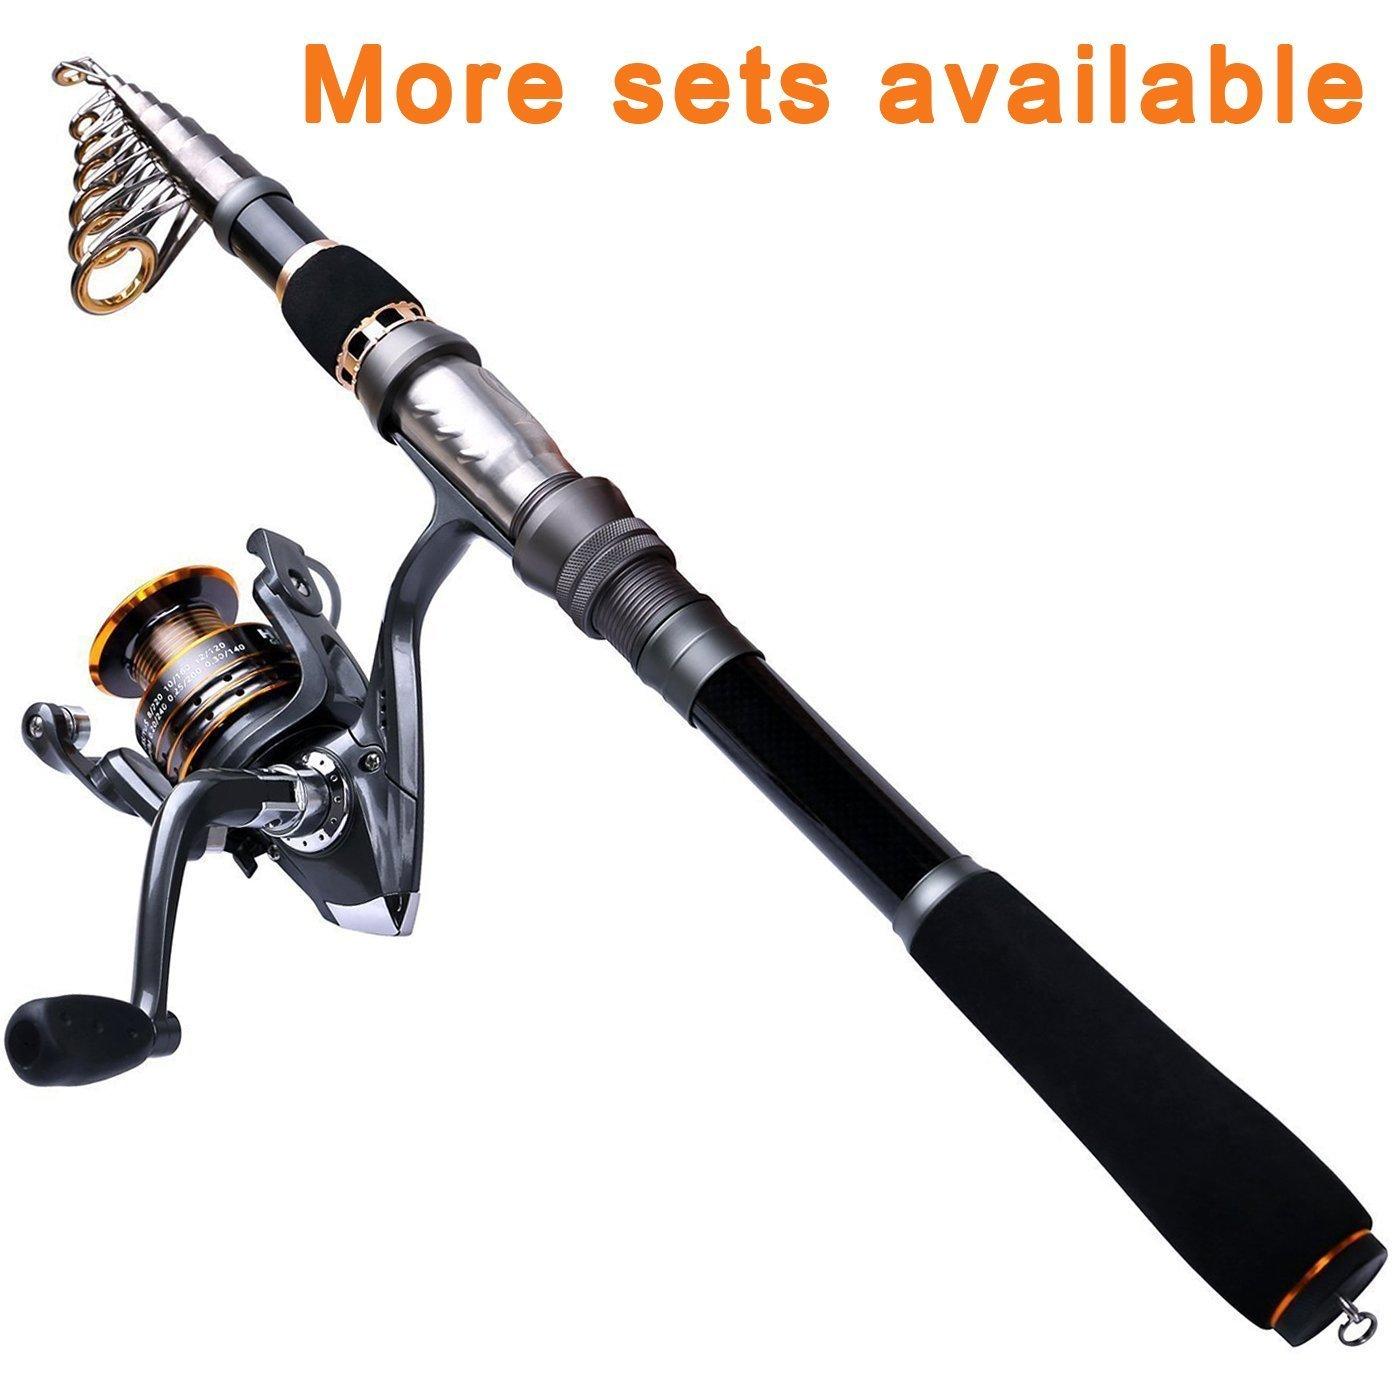 Plusinno Plusinno Spinning釣りポールロッドとリールコンボ釣り線で B0728H9BMF 1.8M、釣りキットパッケージのスターター 1.8M 5.91FT Rod+reel(No Lures&Line) B0728H9BMF, 焼津市:00a1a81c --- hasznalttraktor.e-tarhely.info